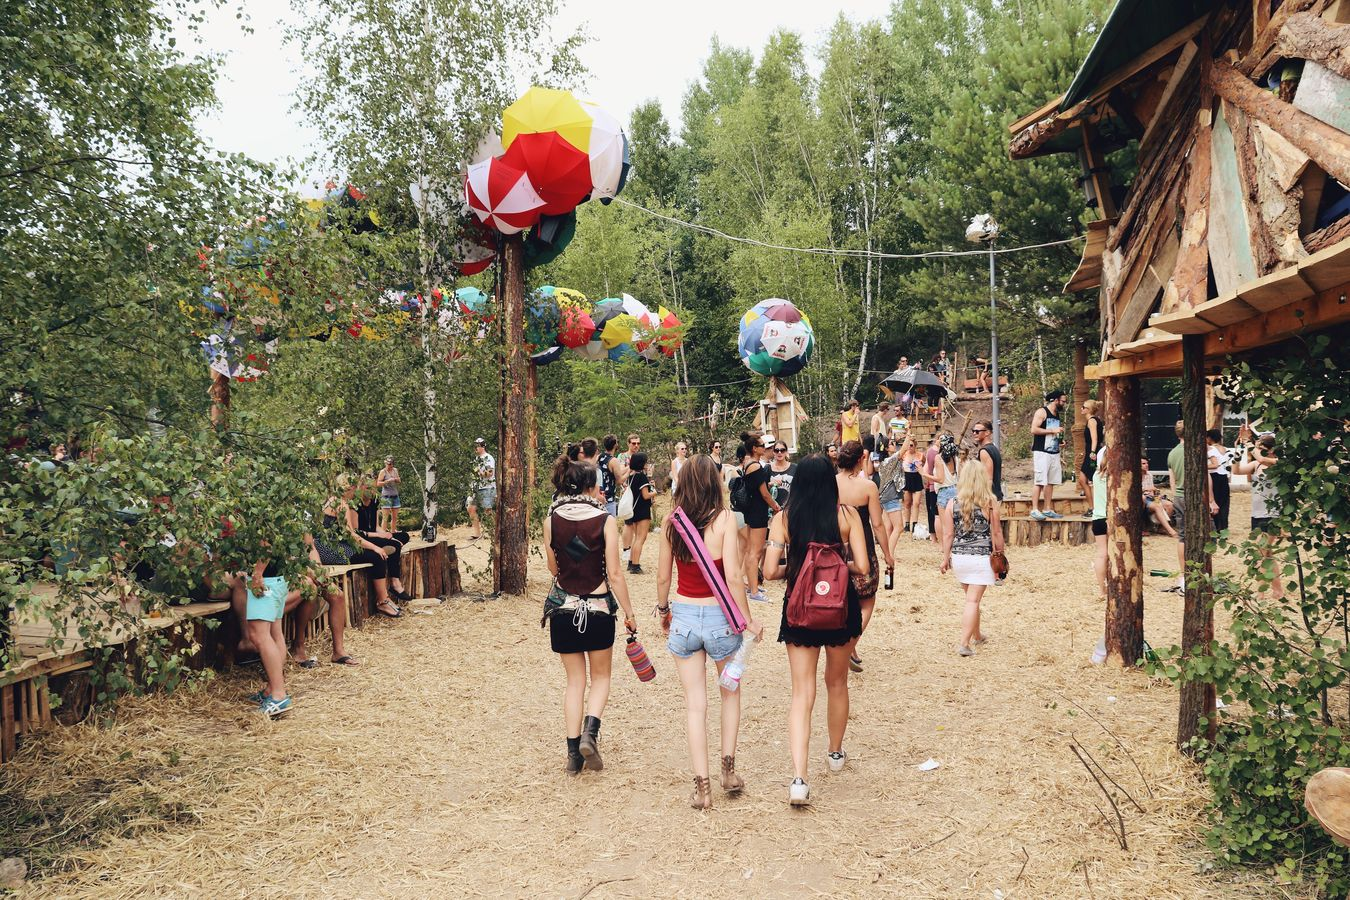 Diskobabel. Feel Festival Festival Music Summer Nature Enjoying Life Eyem Best Shots The EyeEm Facebook Cover Challenge